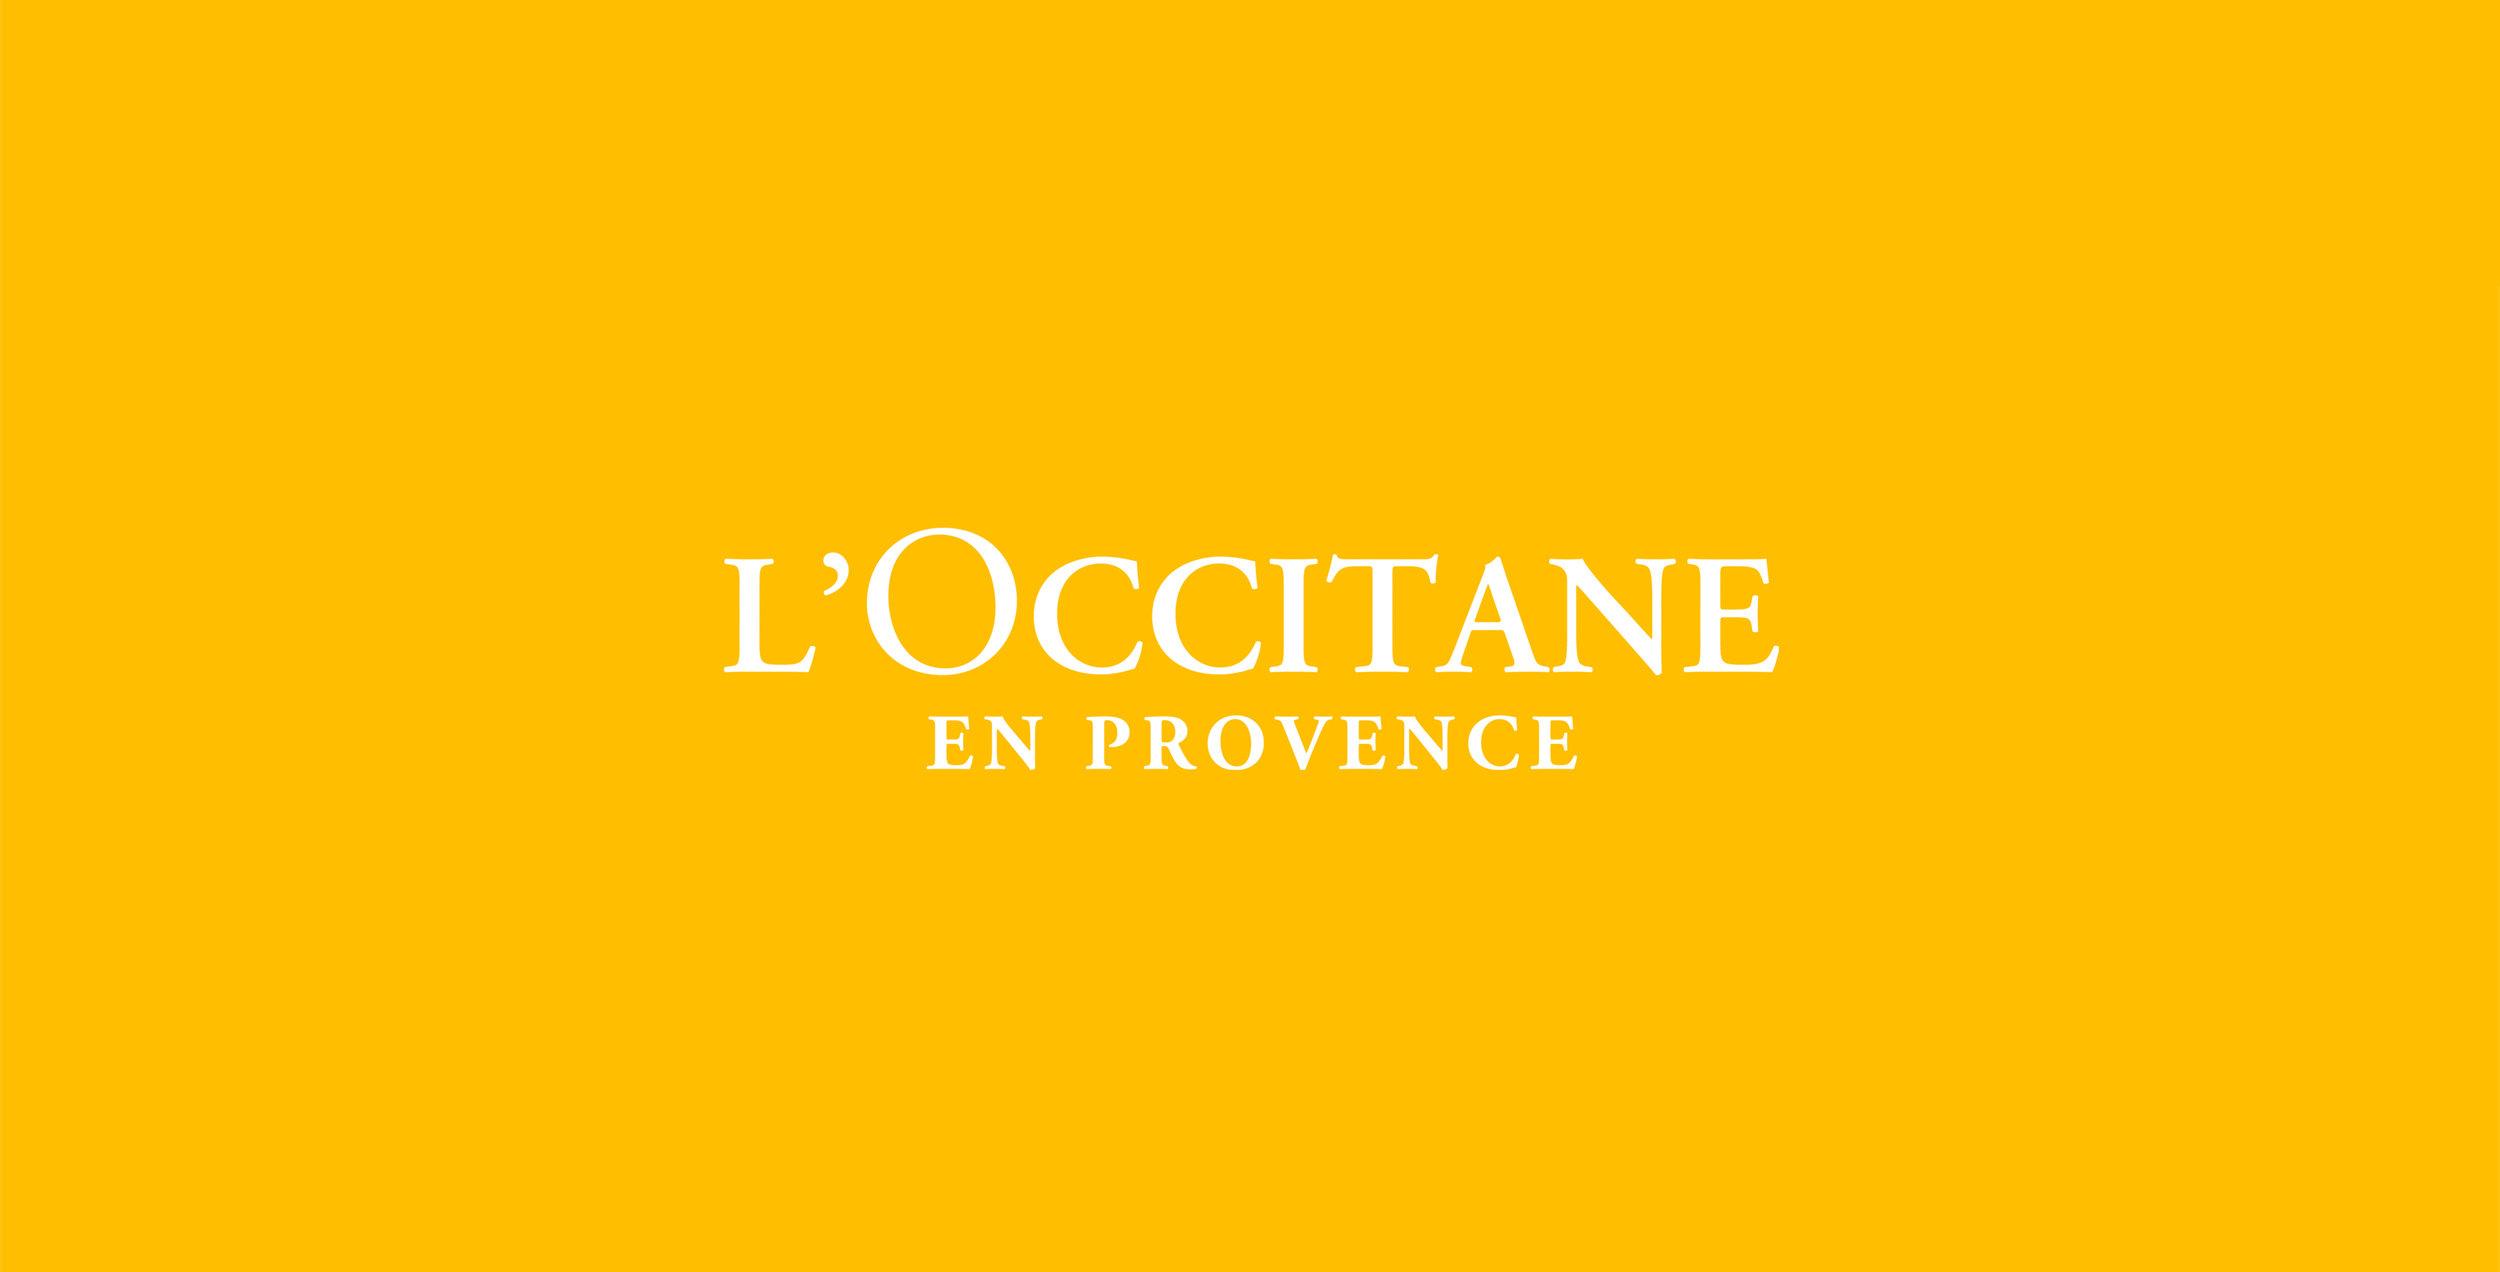 01_Loccitane Header.jpg